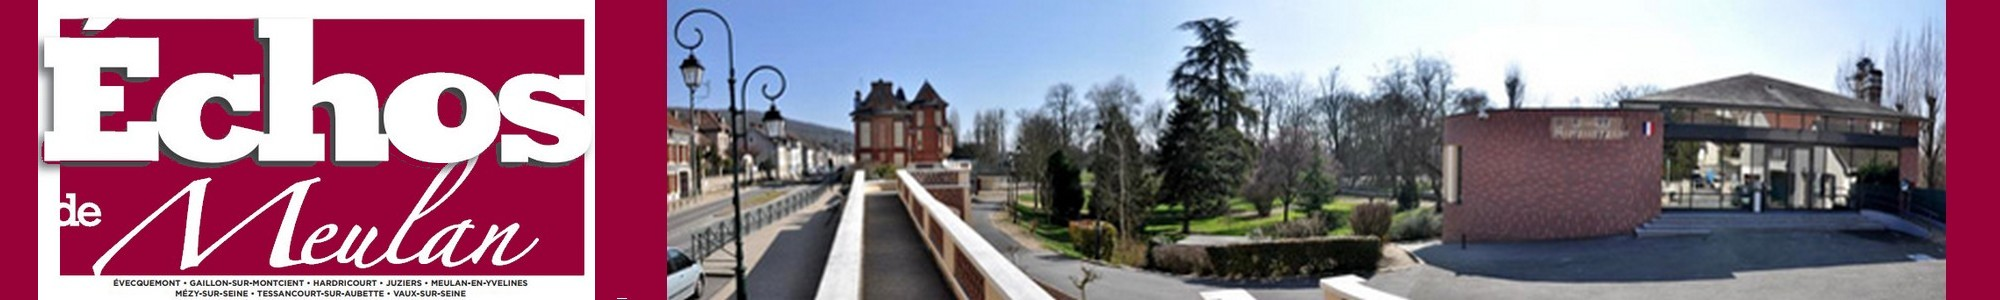 Vaux-sur-seine